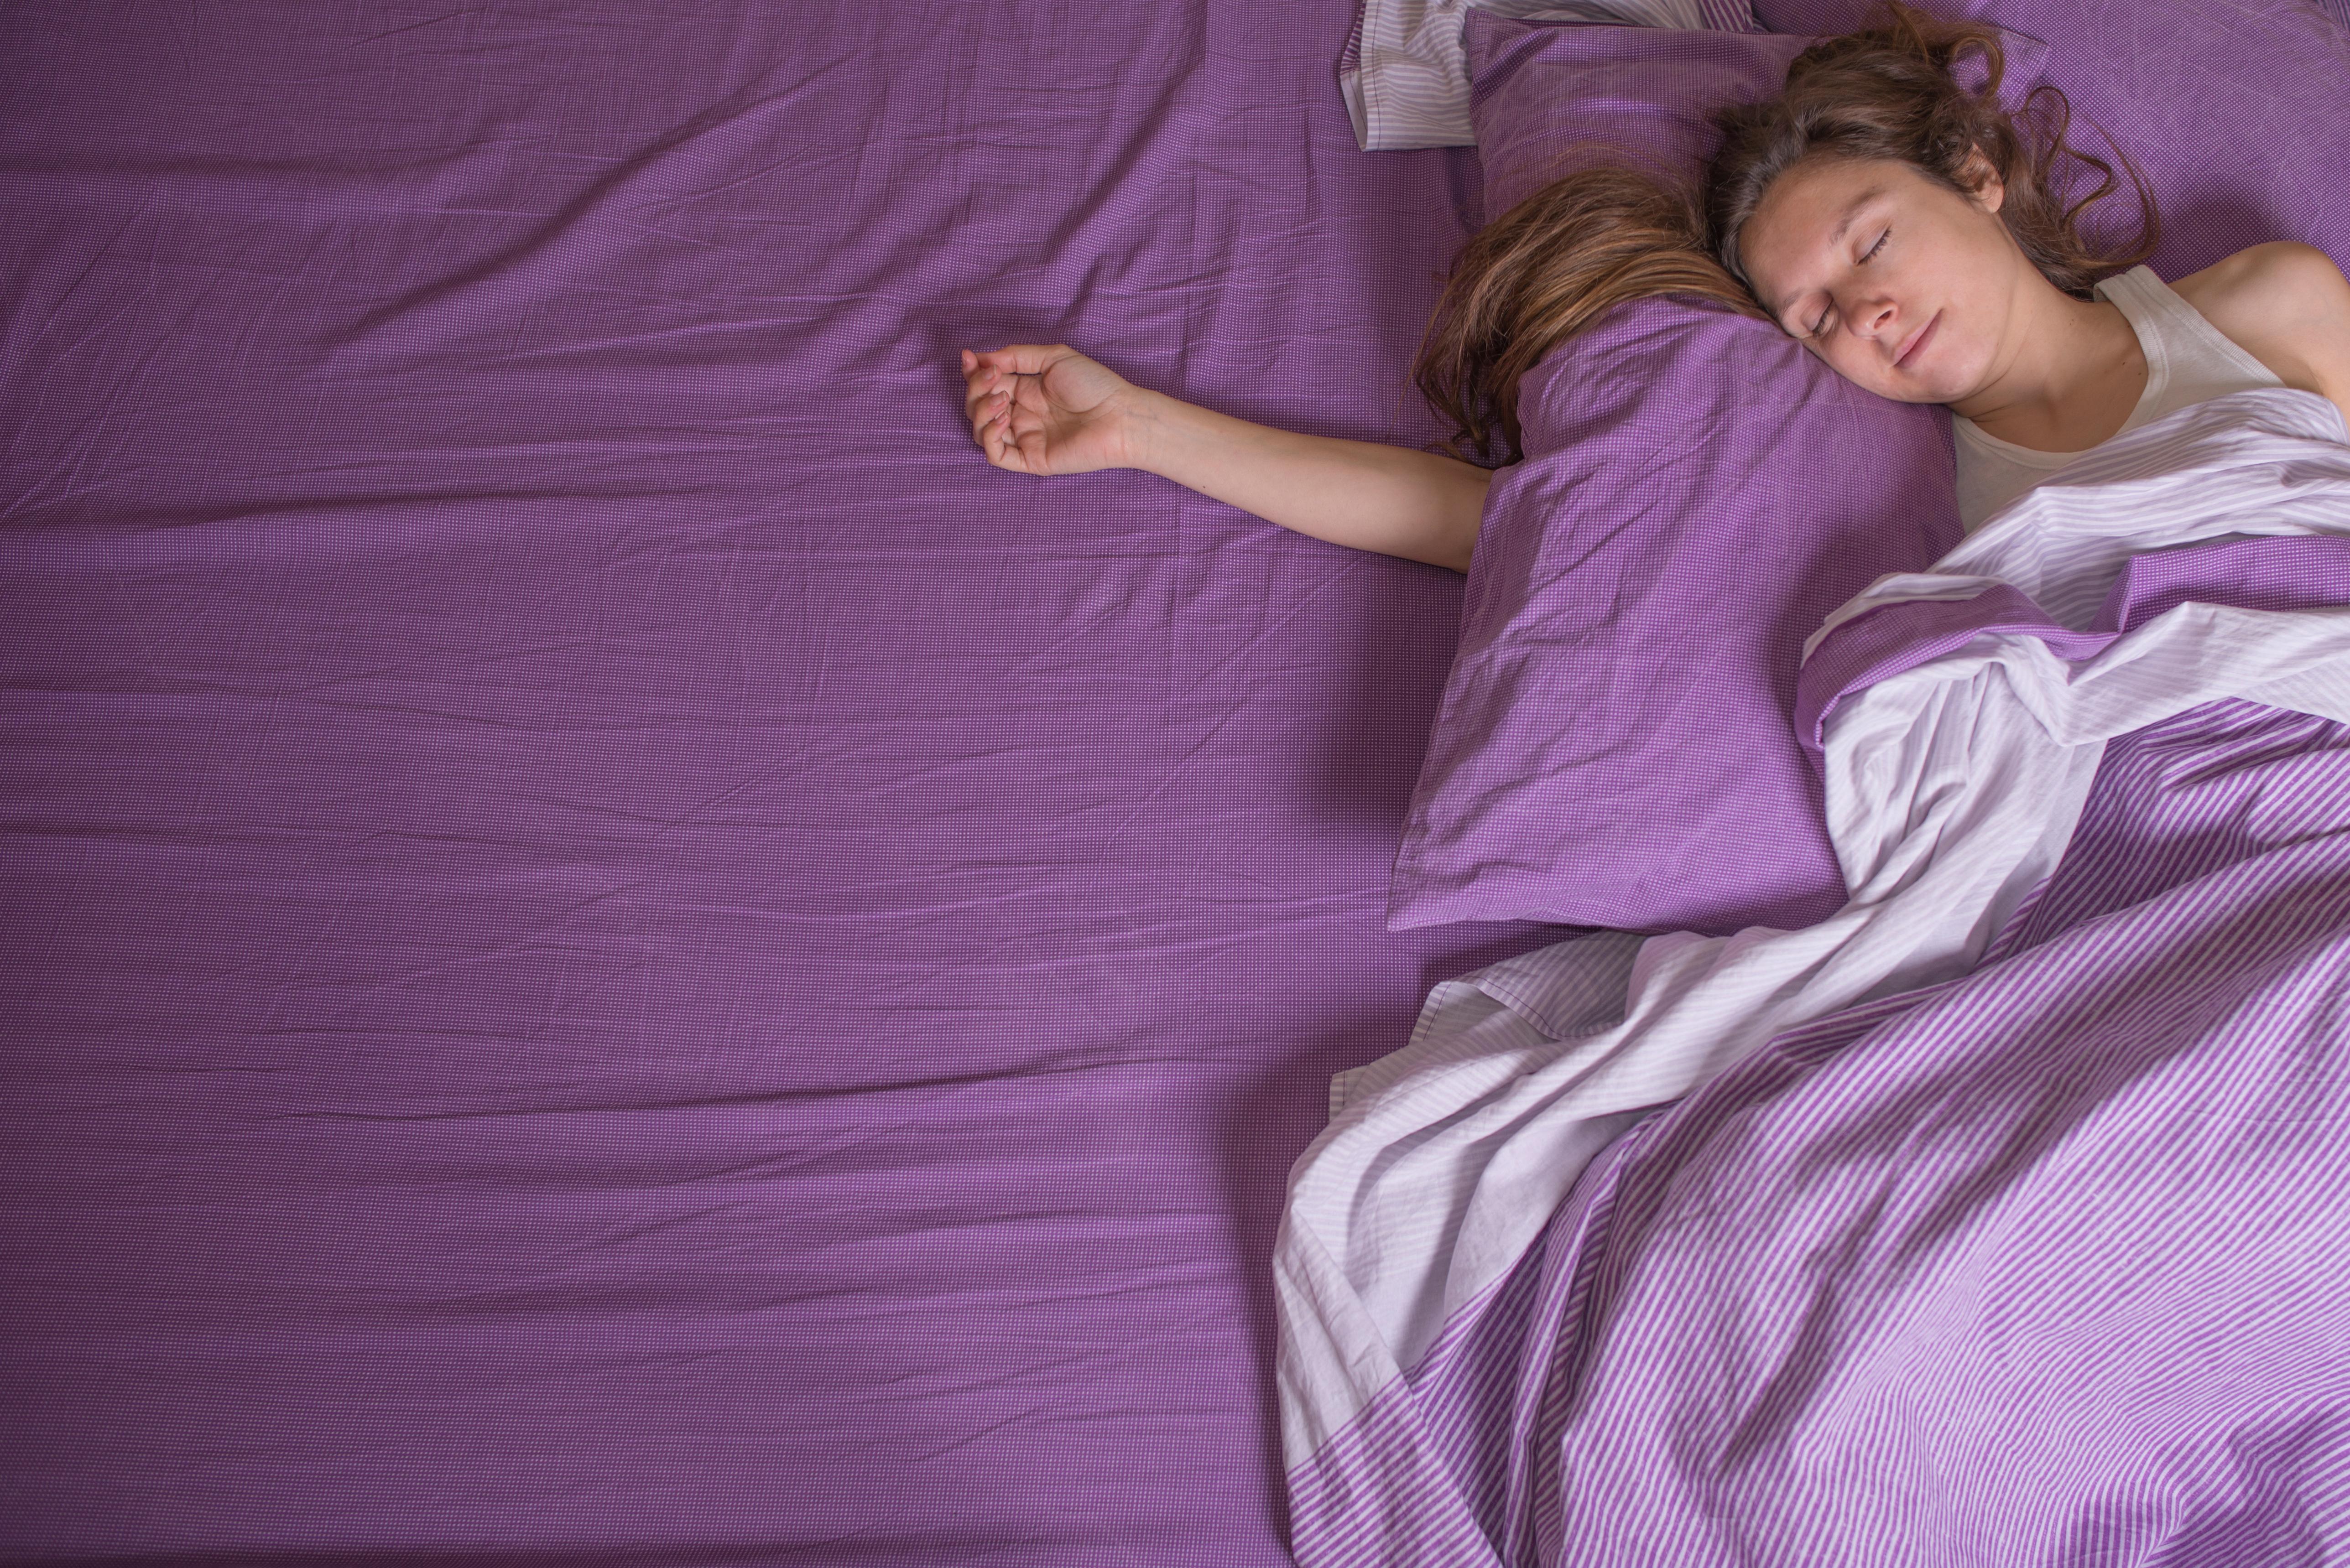 Preparar el dormitorio para dormir